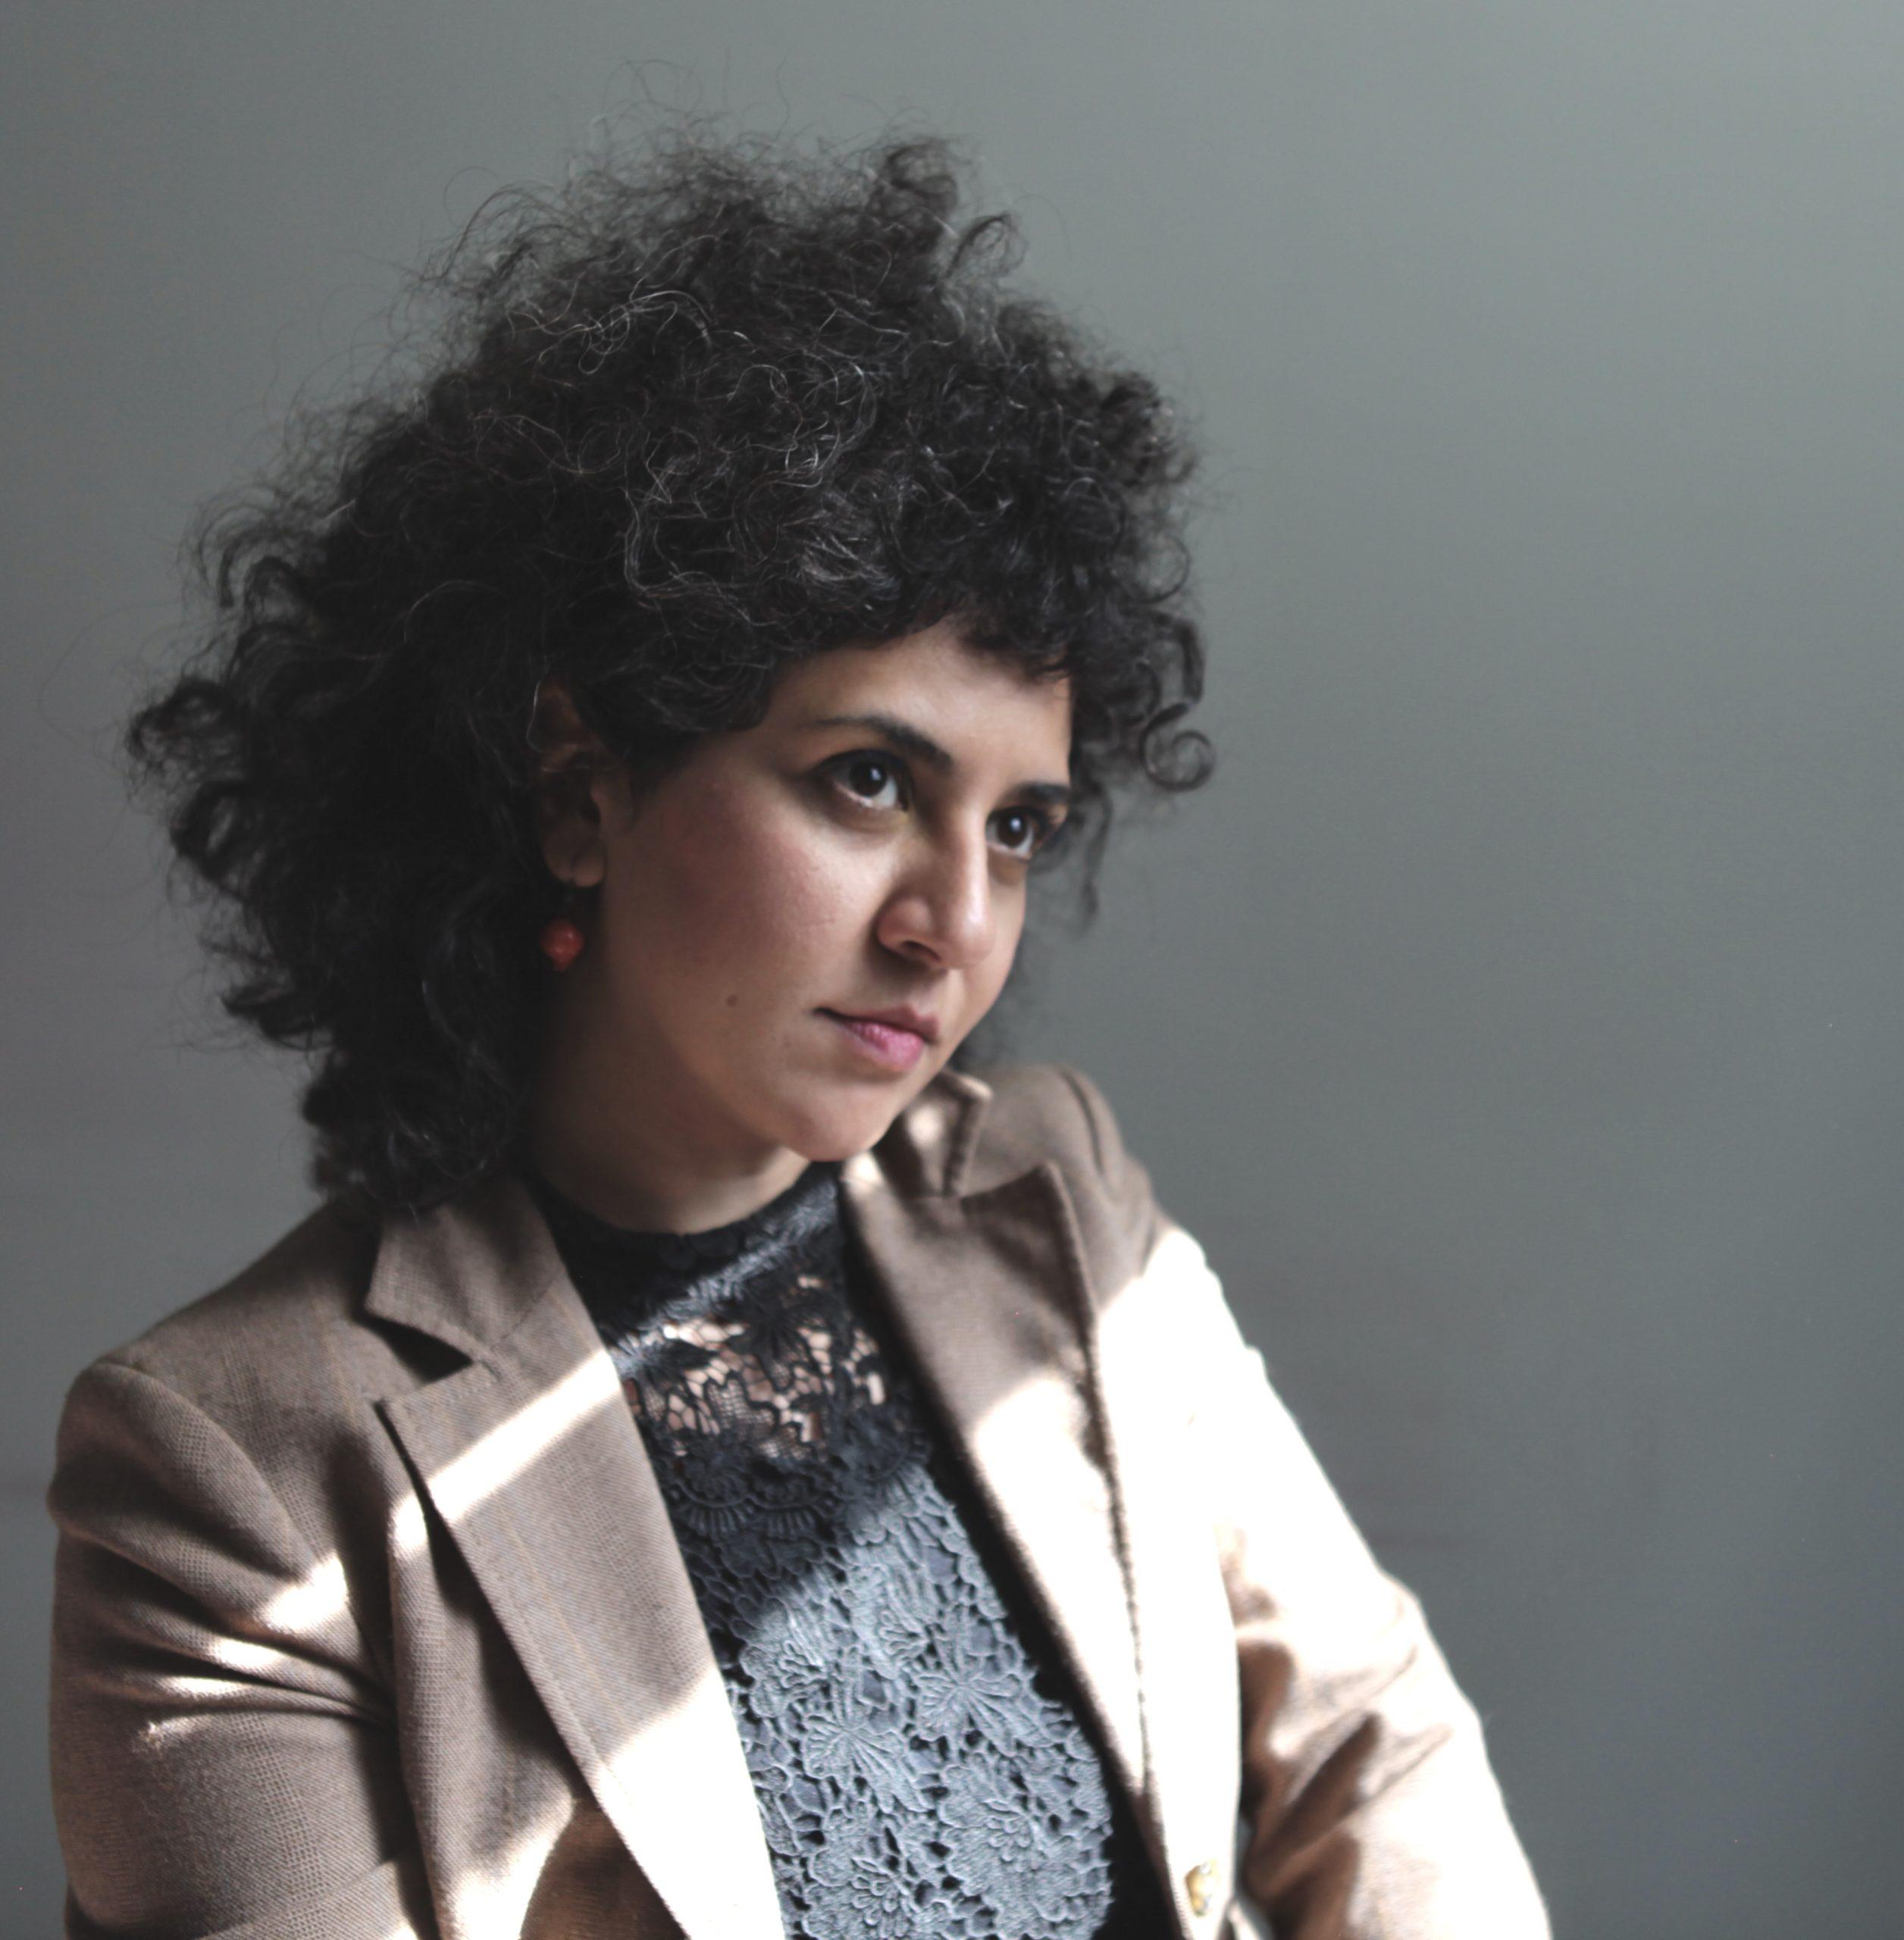 Mina Zarfsaz